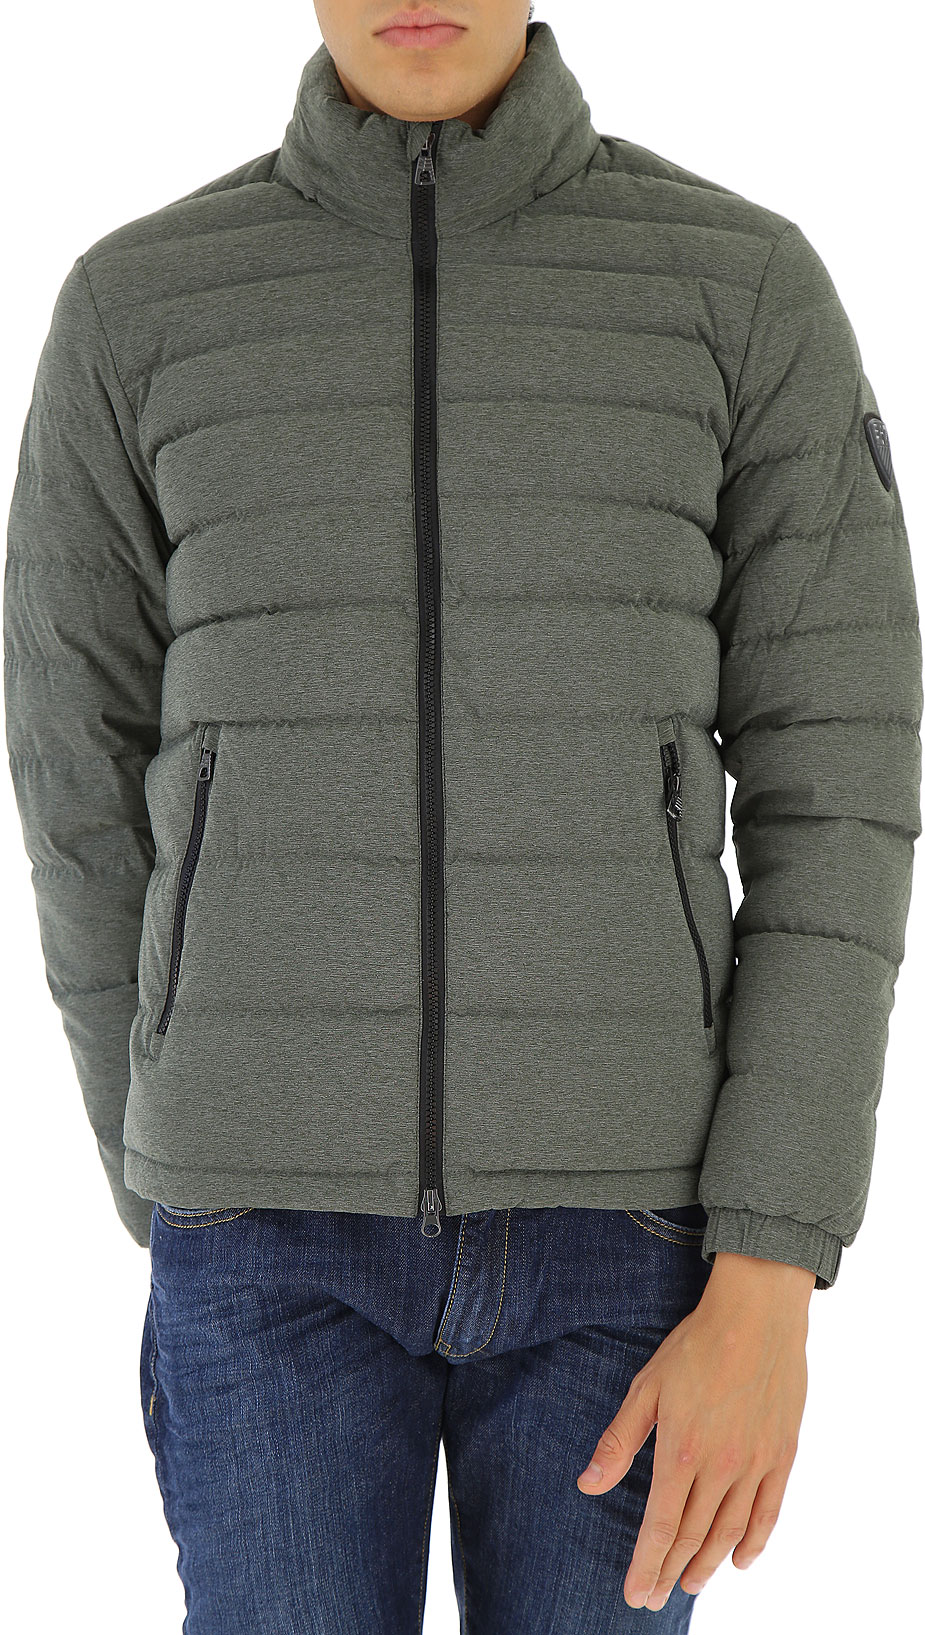 6ypb23-pnb7z-3802 Articolo Abbigliamento Codice Uomo Emporio Armani